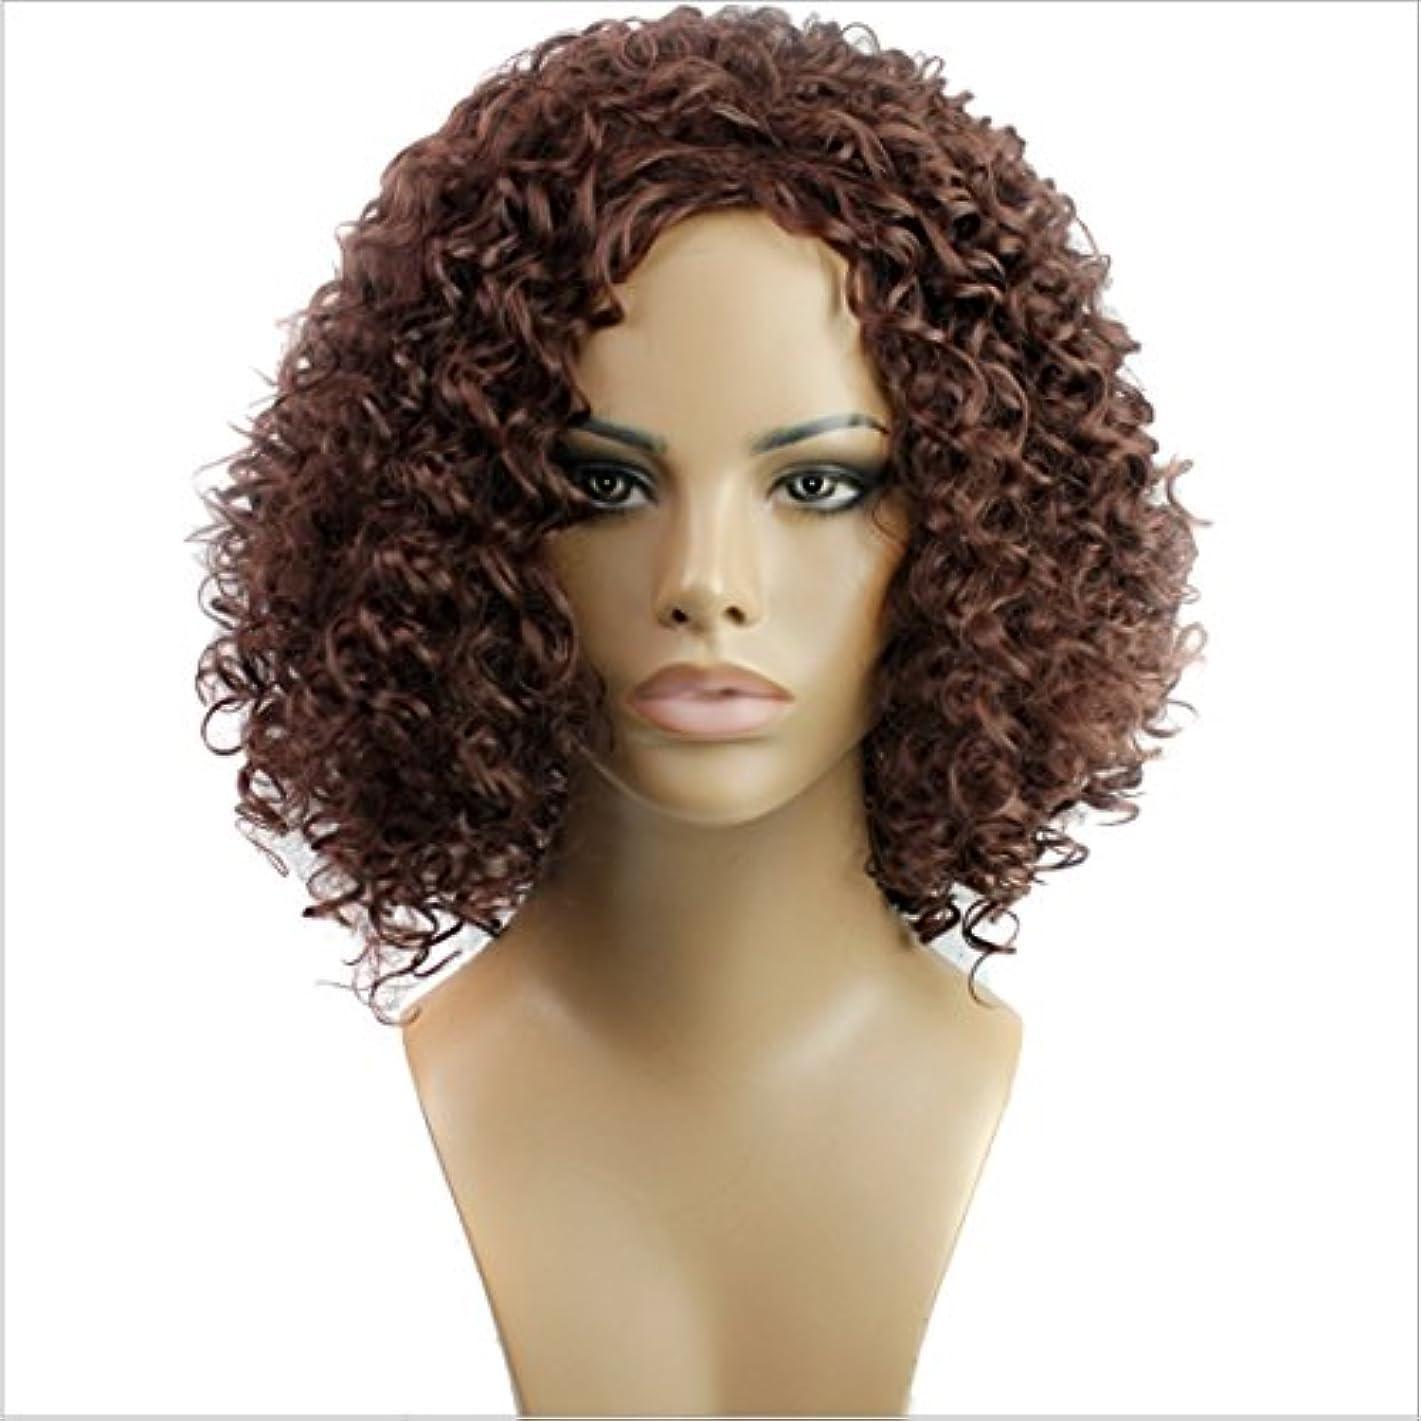 スキー変動する直面するYOUQIU 長い前髪髪ナチュラルカラーウィッグ耐熱210グラムで女子ショートカーリーウィッグのために15インチの合成高温ウィッグ(ワインレッド、黒)ウィッグ (色 : ワインレッド)